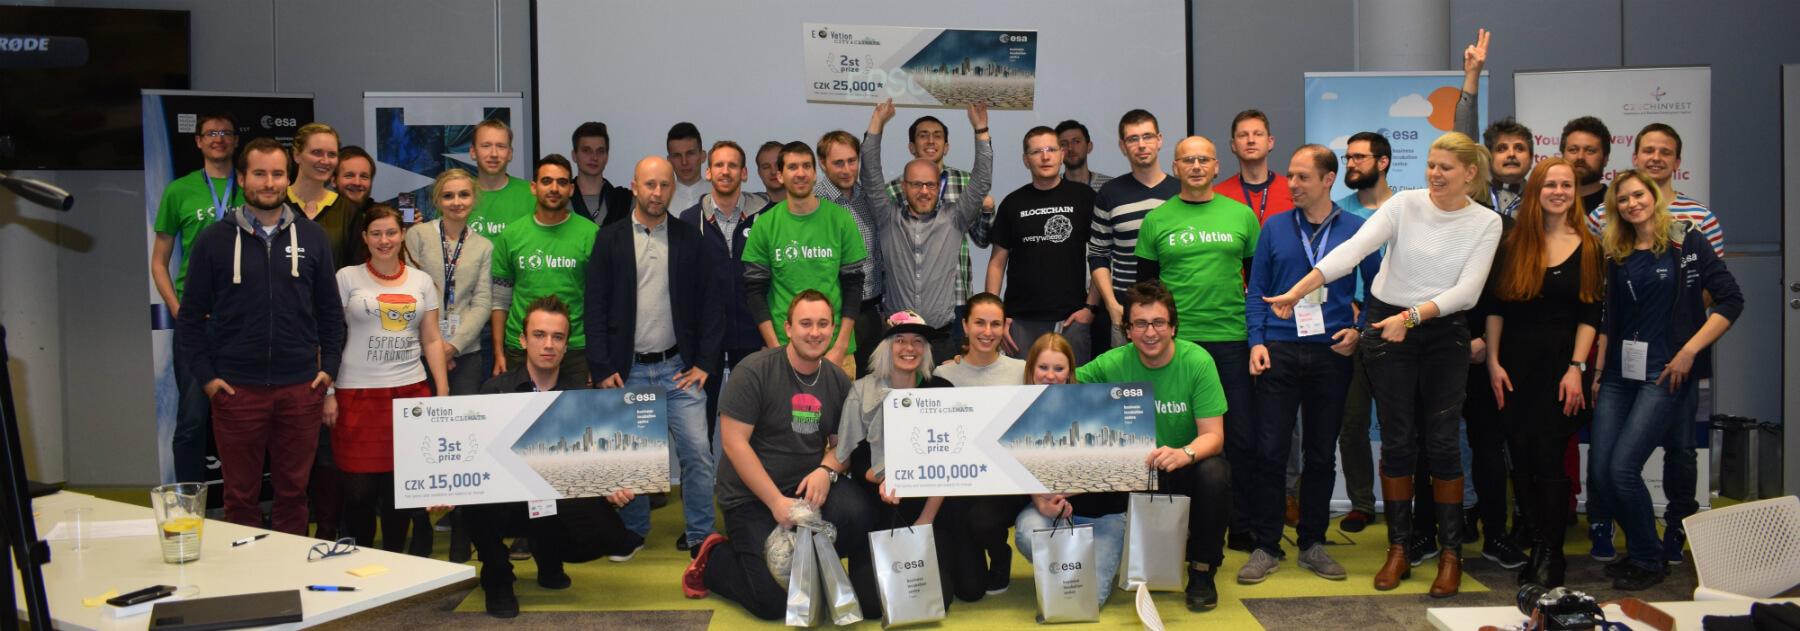 Kdo se stal vítězem hackathonu EOVation City & Climate?